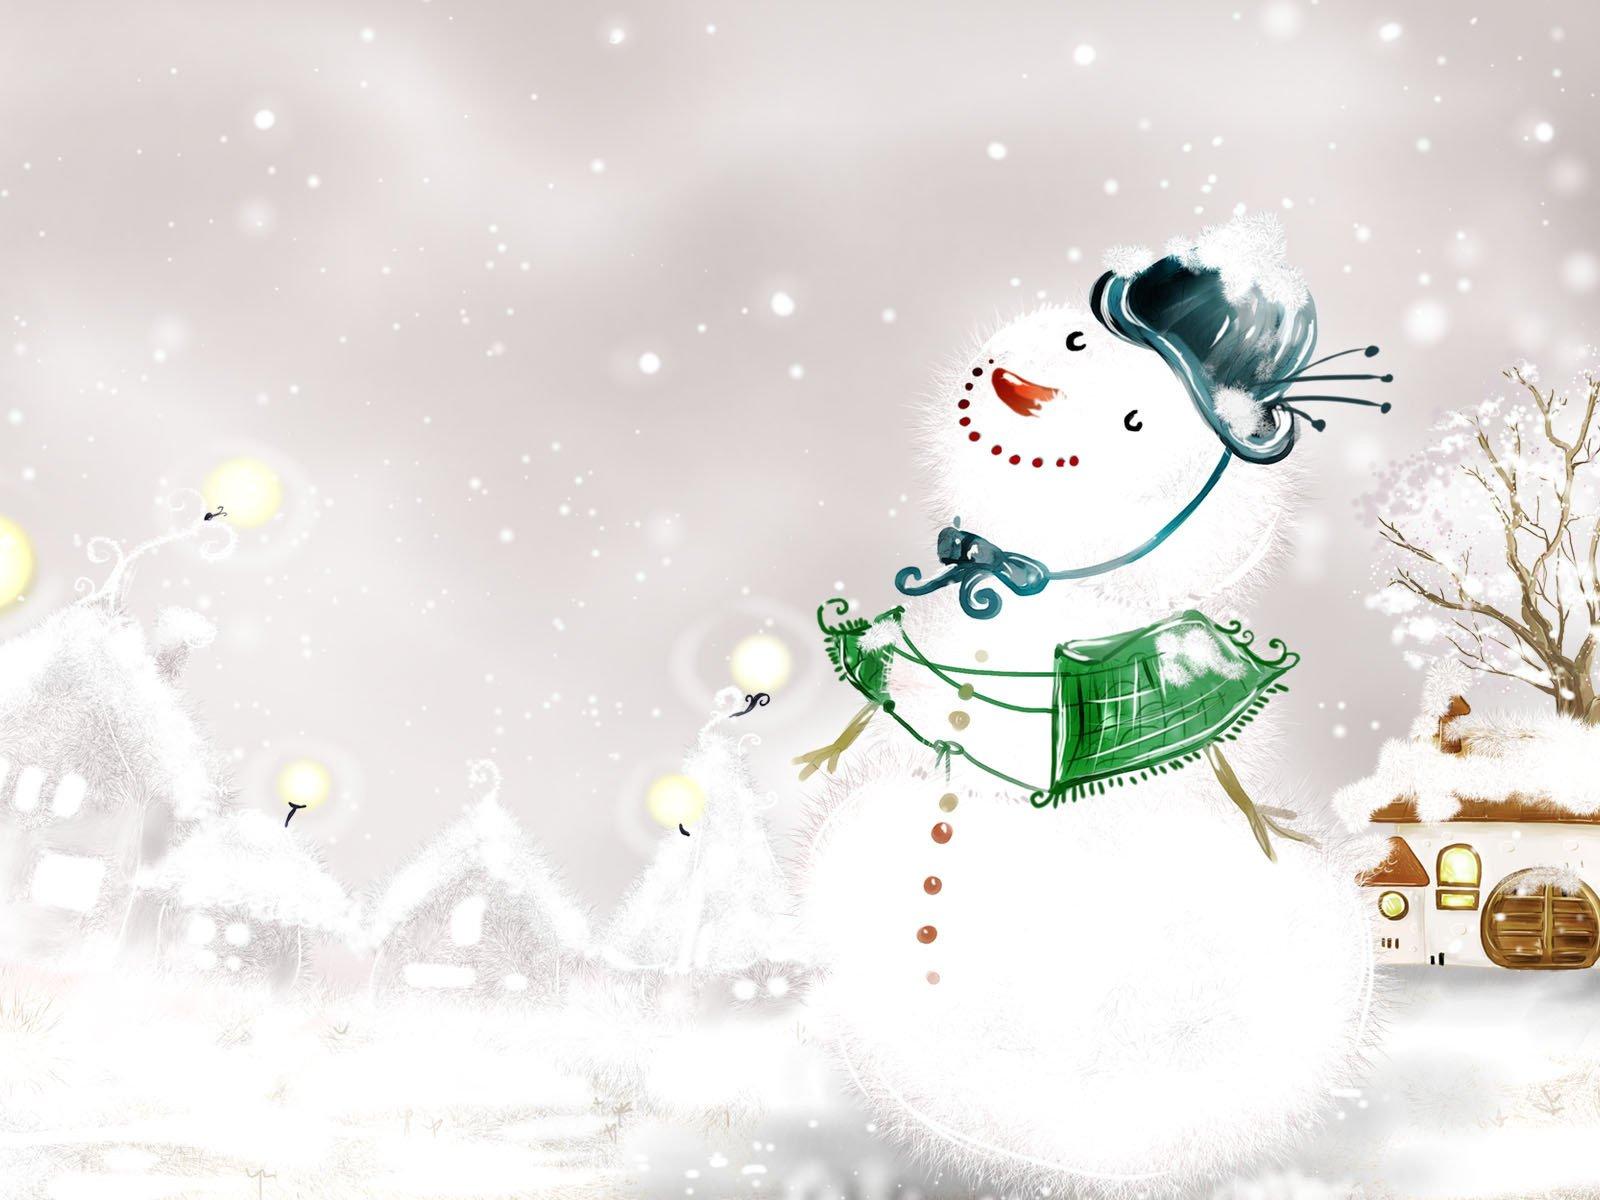 Смешные, снежные открытки новый год